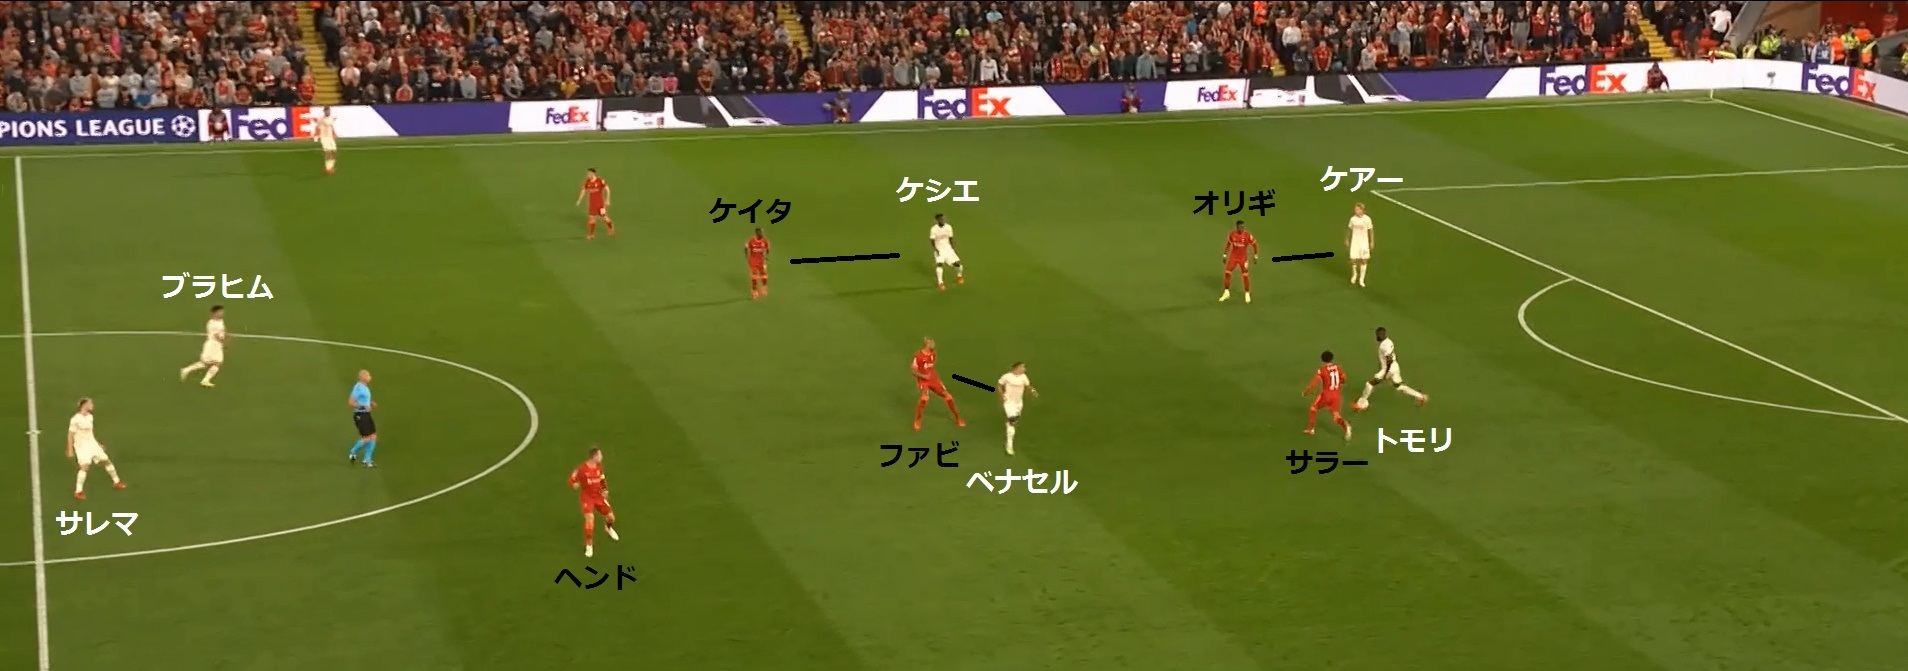 【21-22シーズン】リバプール対ミラン_戦術分析11